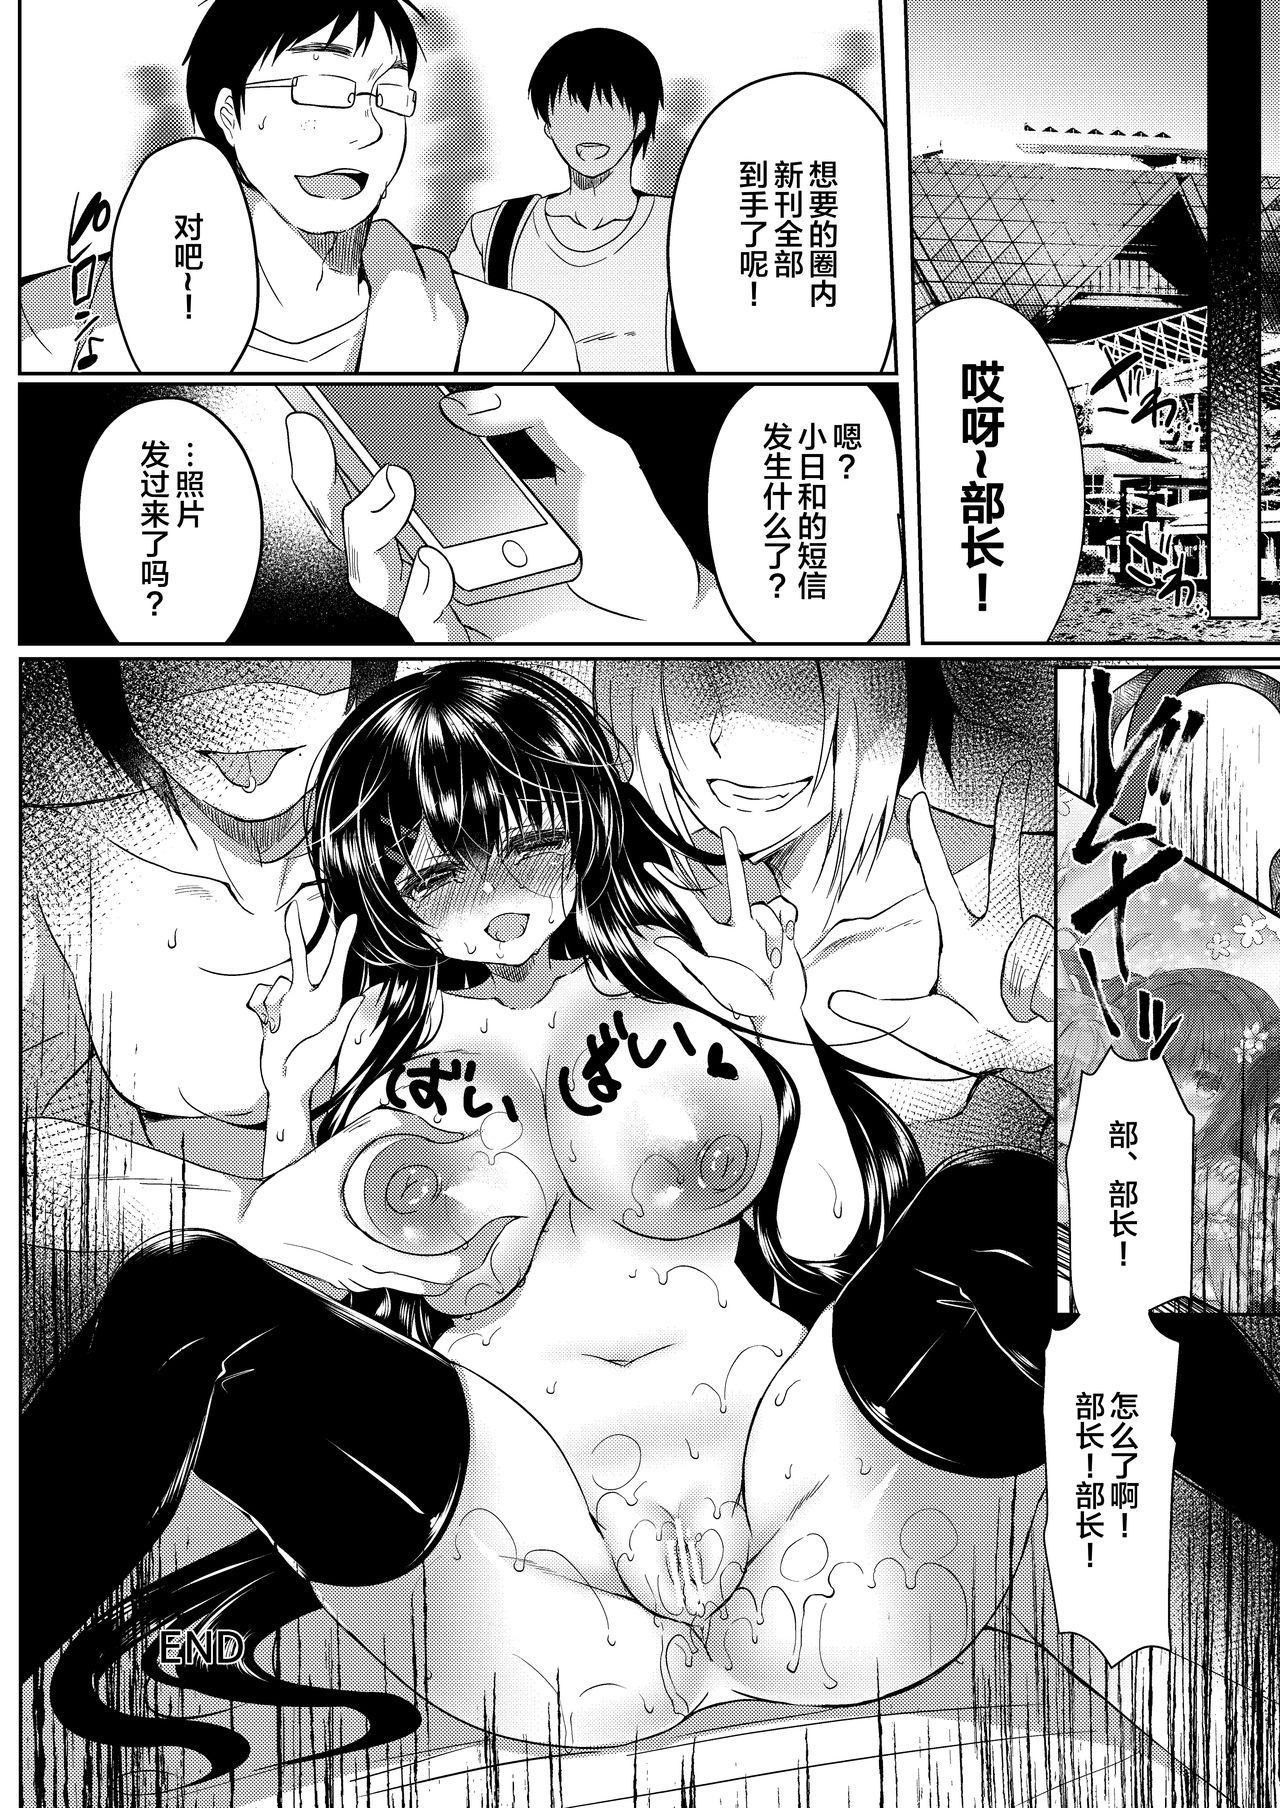 Seitokaichou o Tokoton Ikasemakuru Hanashi 25